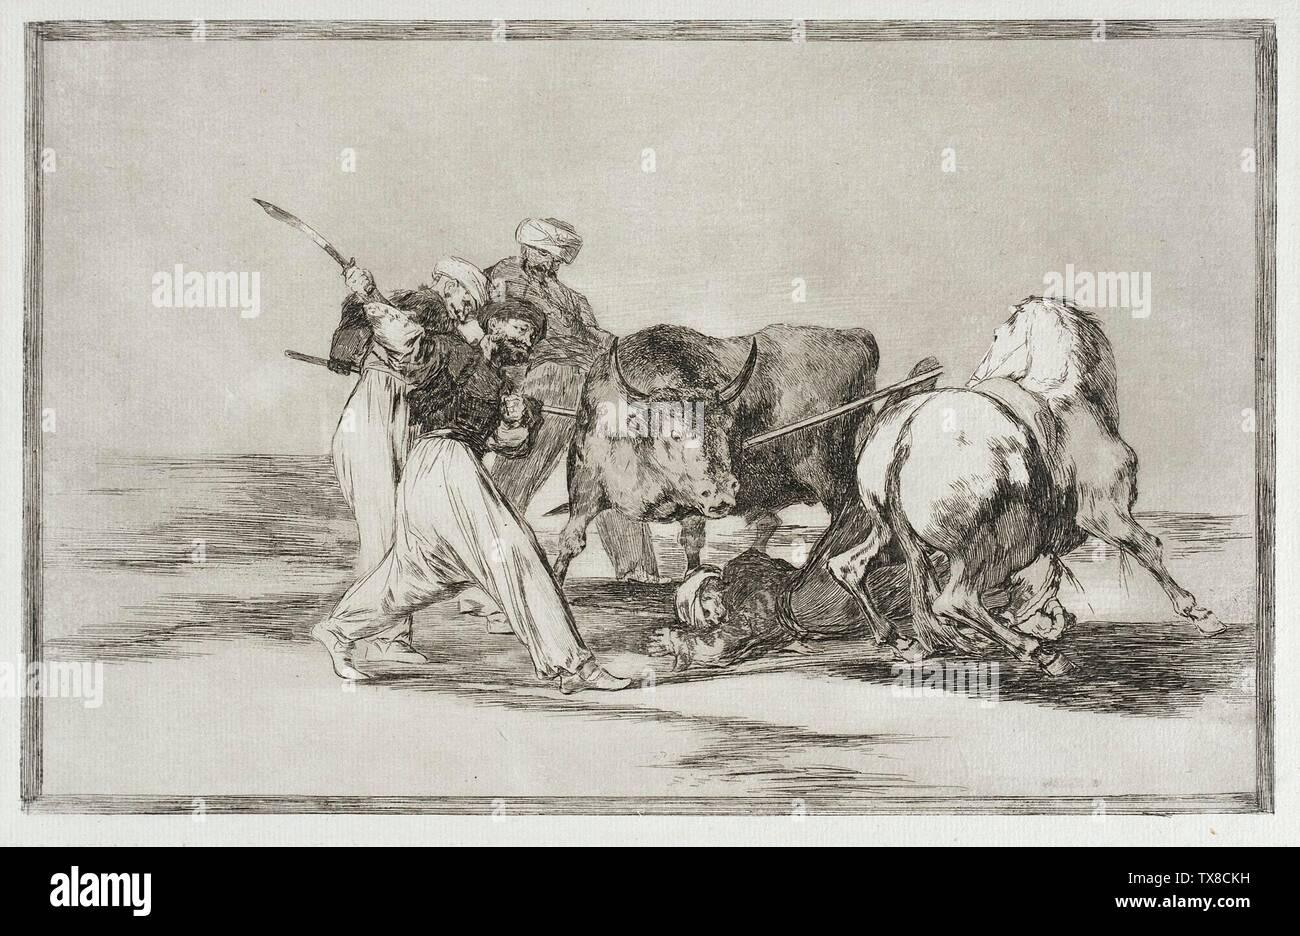 'Los moros lancean un toro en el campo; en inglés: España, circa 1814-1815 Series: Tauromaquia, placa 3 Edición: Primera edición imprime; grabados aguafuerte y aguatinta adquiridos con fondos proporcionados por Mary B. Regan y el Charles Mooshian Memorial Fund (86.10) grabados y dibujos; entre circa 1814 y alrededor de 1815 fecha QS:P571,+1814-00-00T00:00:00Z/8,P1319,+1814-00-00T00:00:00Z/9,P1326,+1815-00-00T00:00:00Z/9,P1480,Q5727902; ' Imagen De Stock